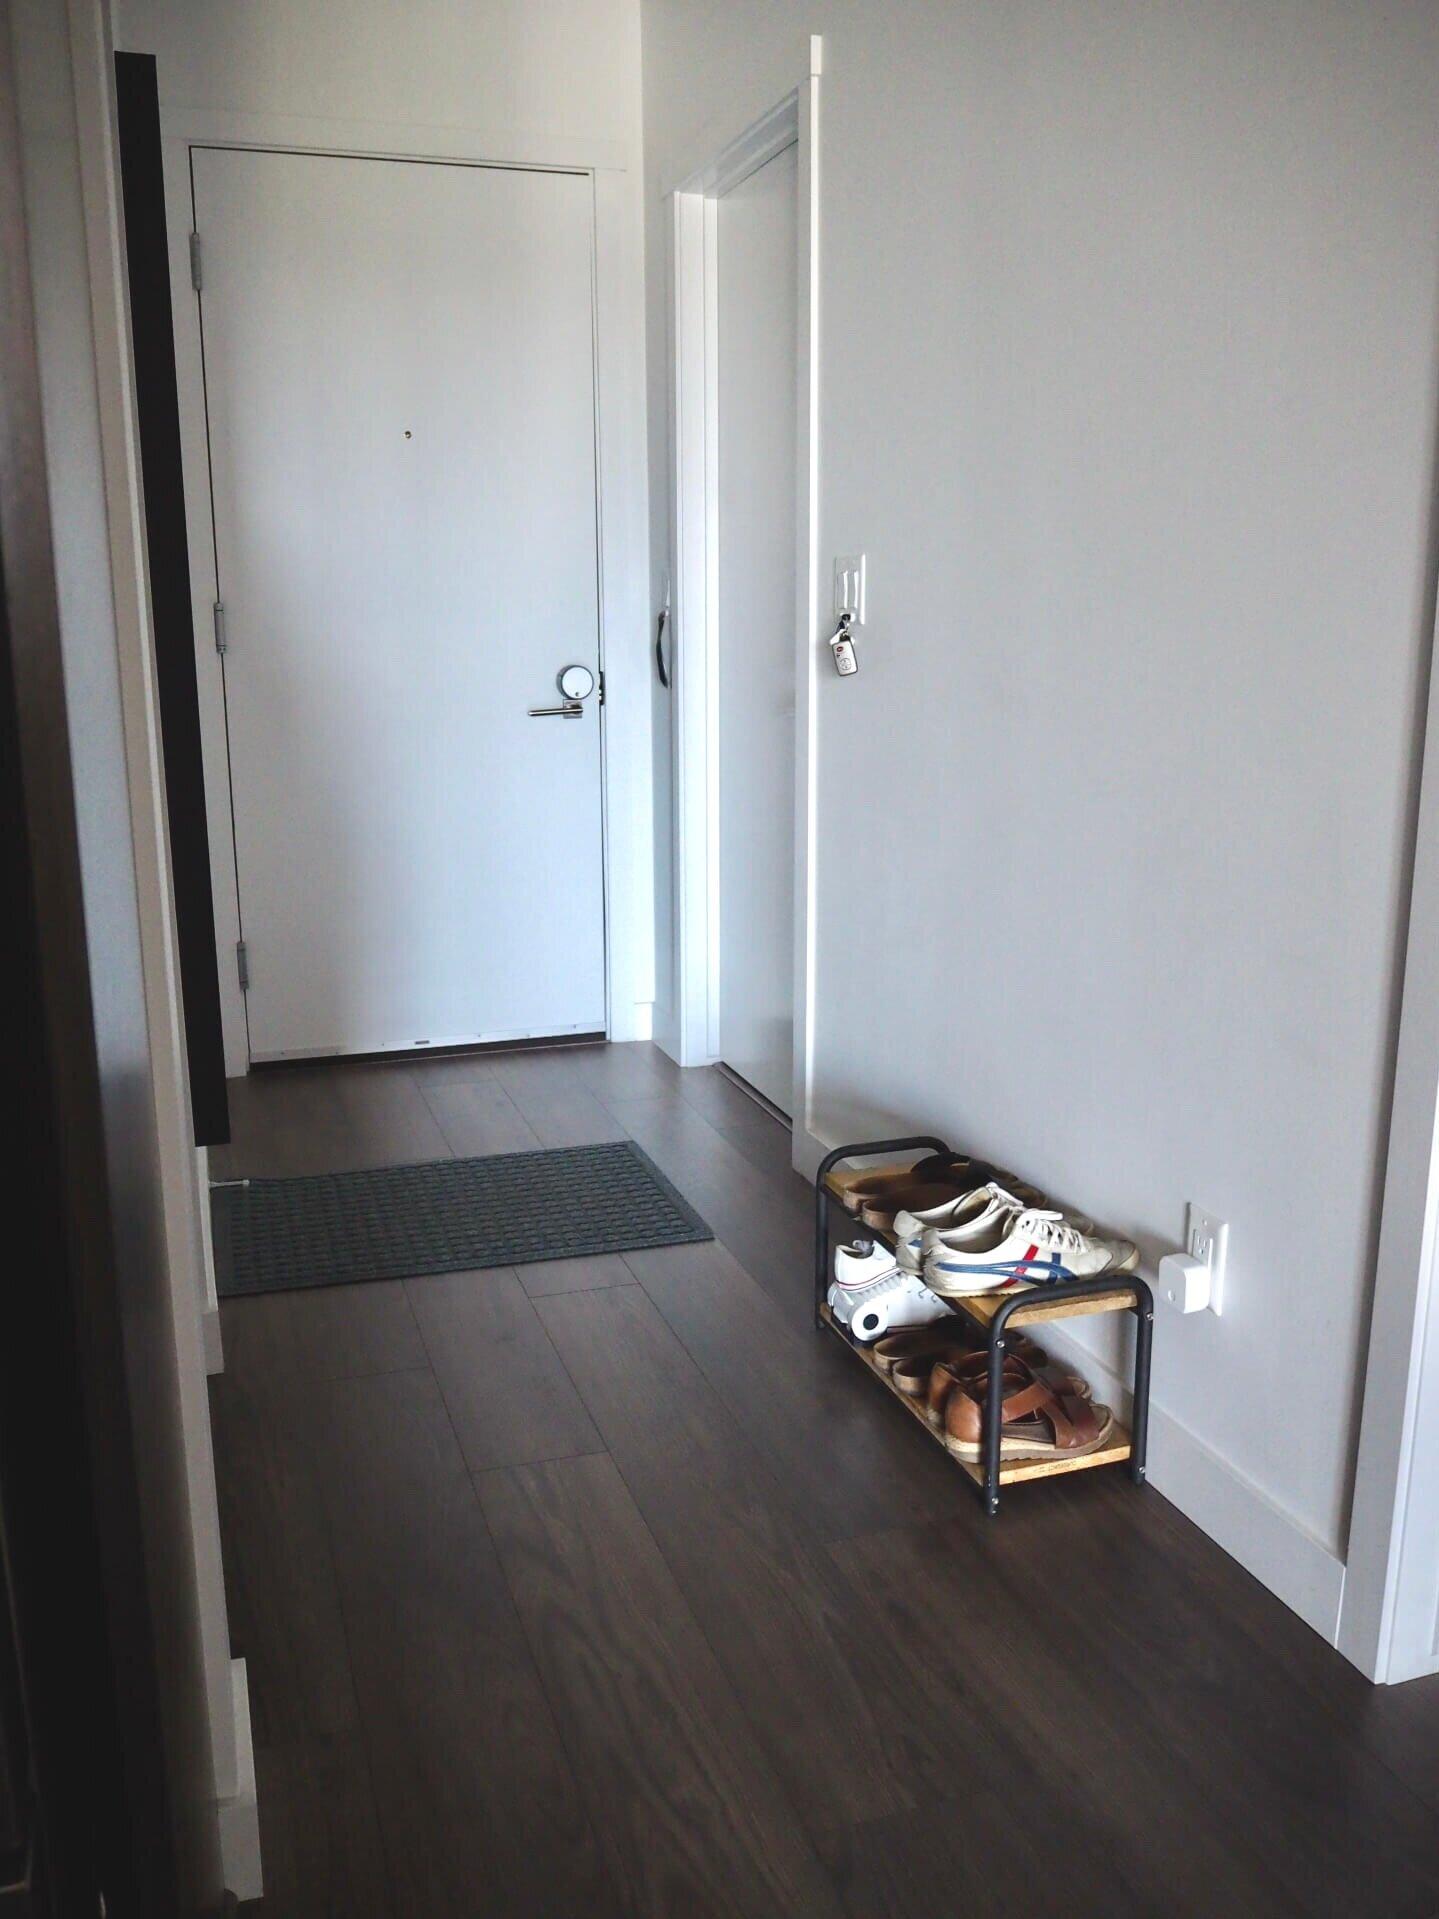 ない が 玄関 棚 3つの「ない」でスッキリ続く!デキる主婦の玄関きれいのキープ術